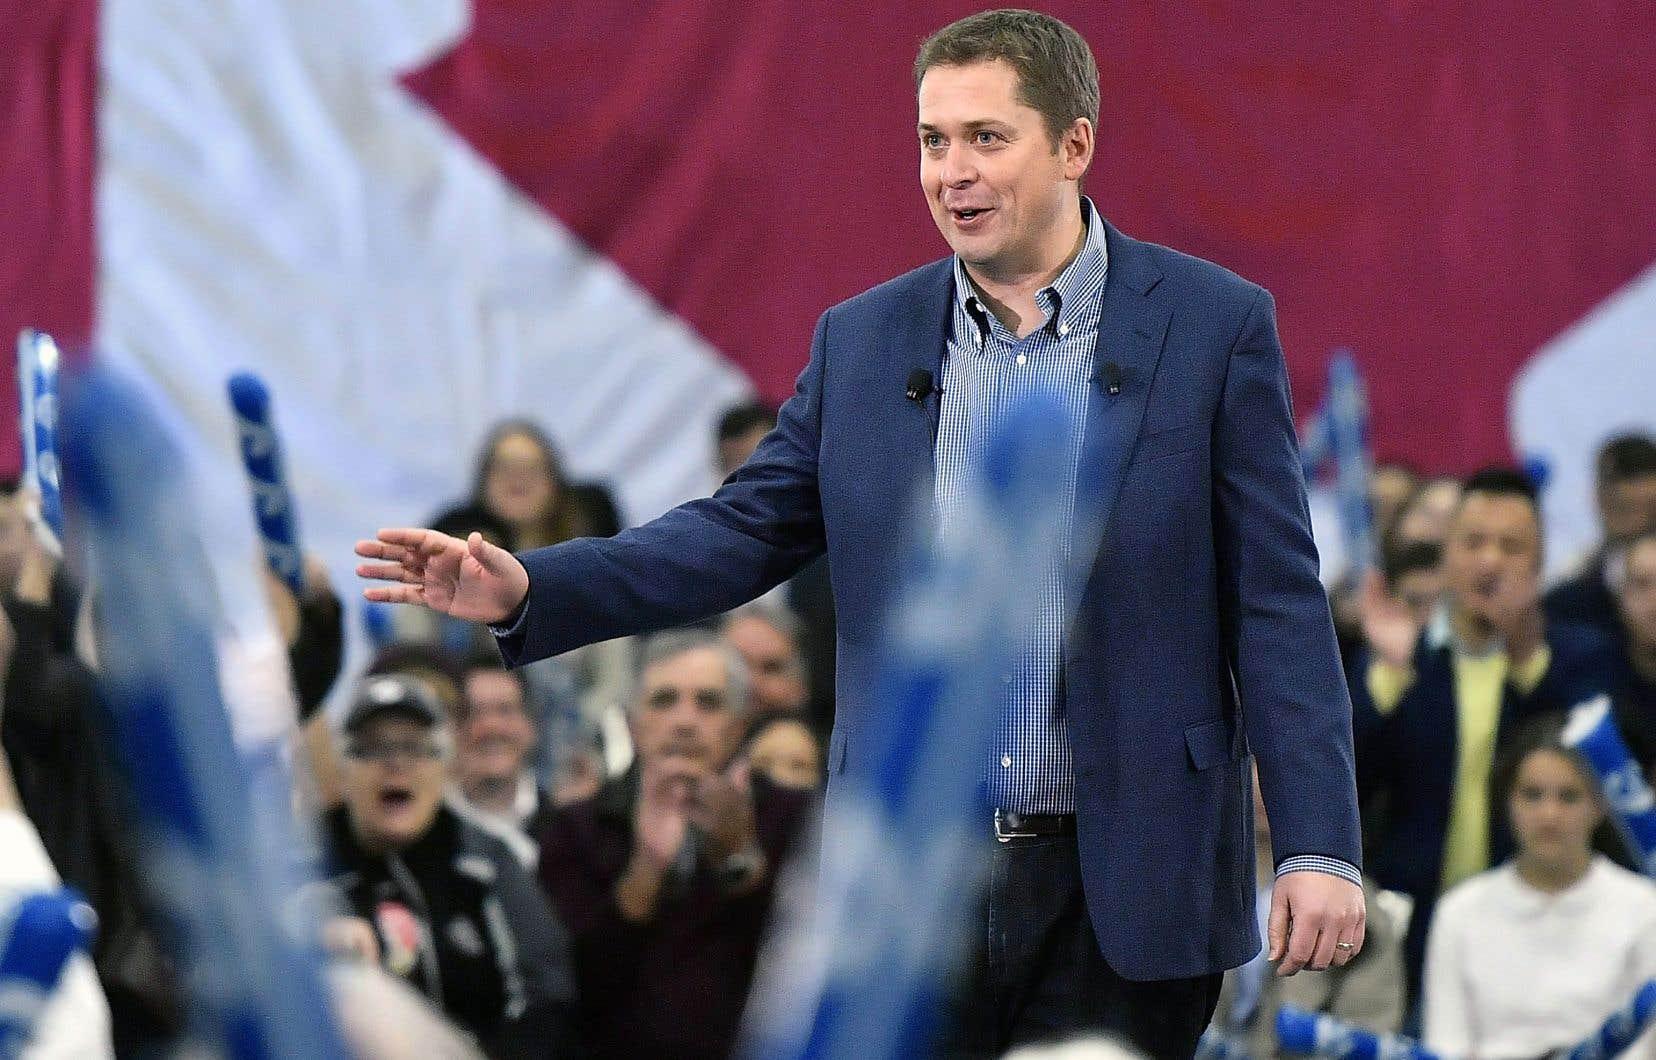 Andrew Scheer a noté que la droite profitait d'un bel élan au Canada avec les victoires électorales en Ontario et au Québec.